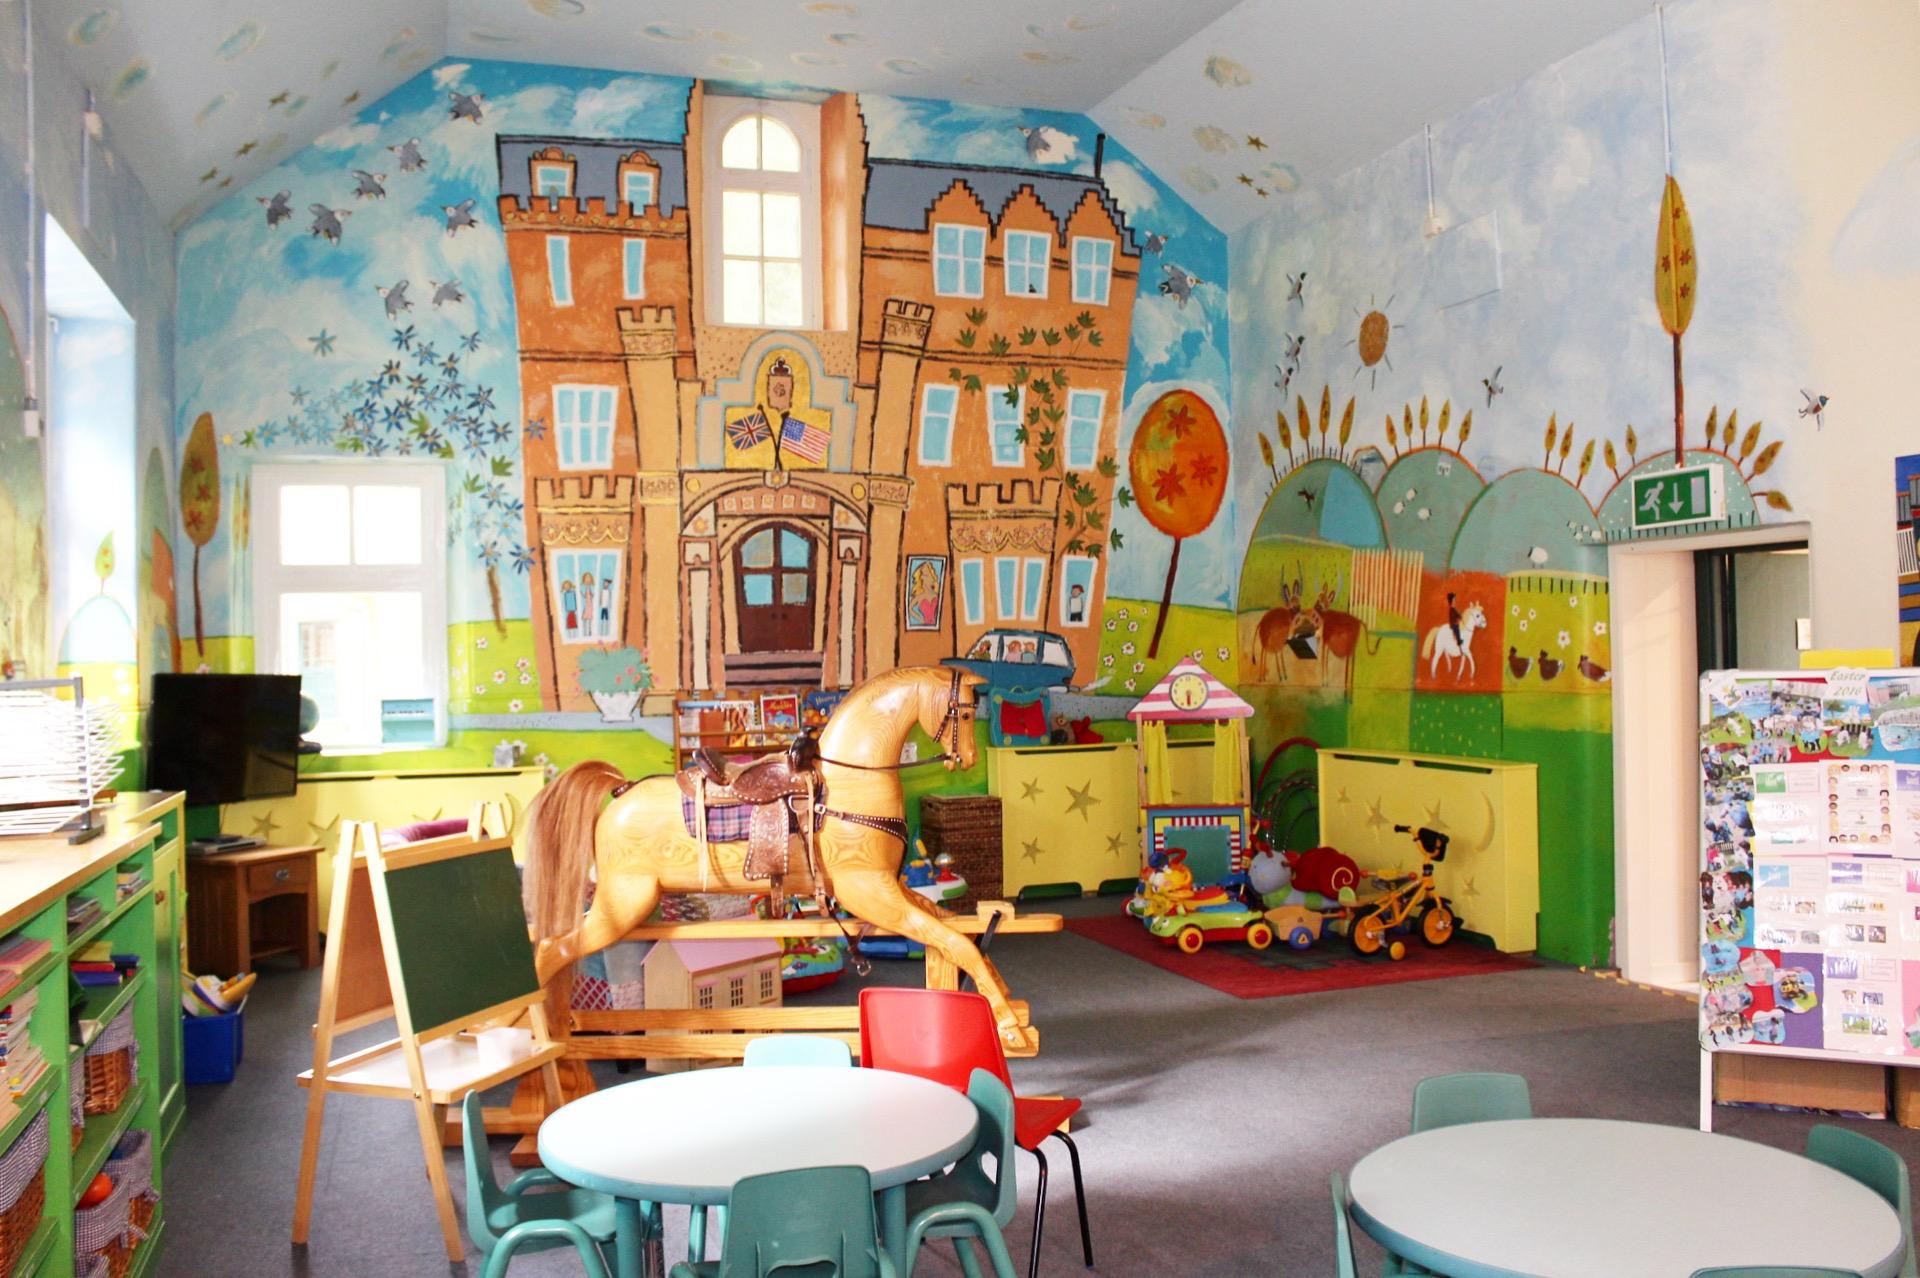 The Children's Barn